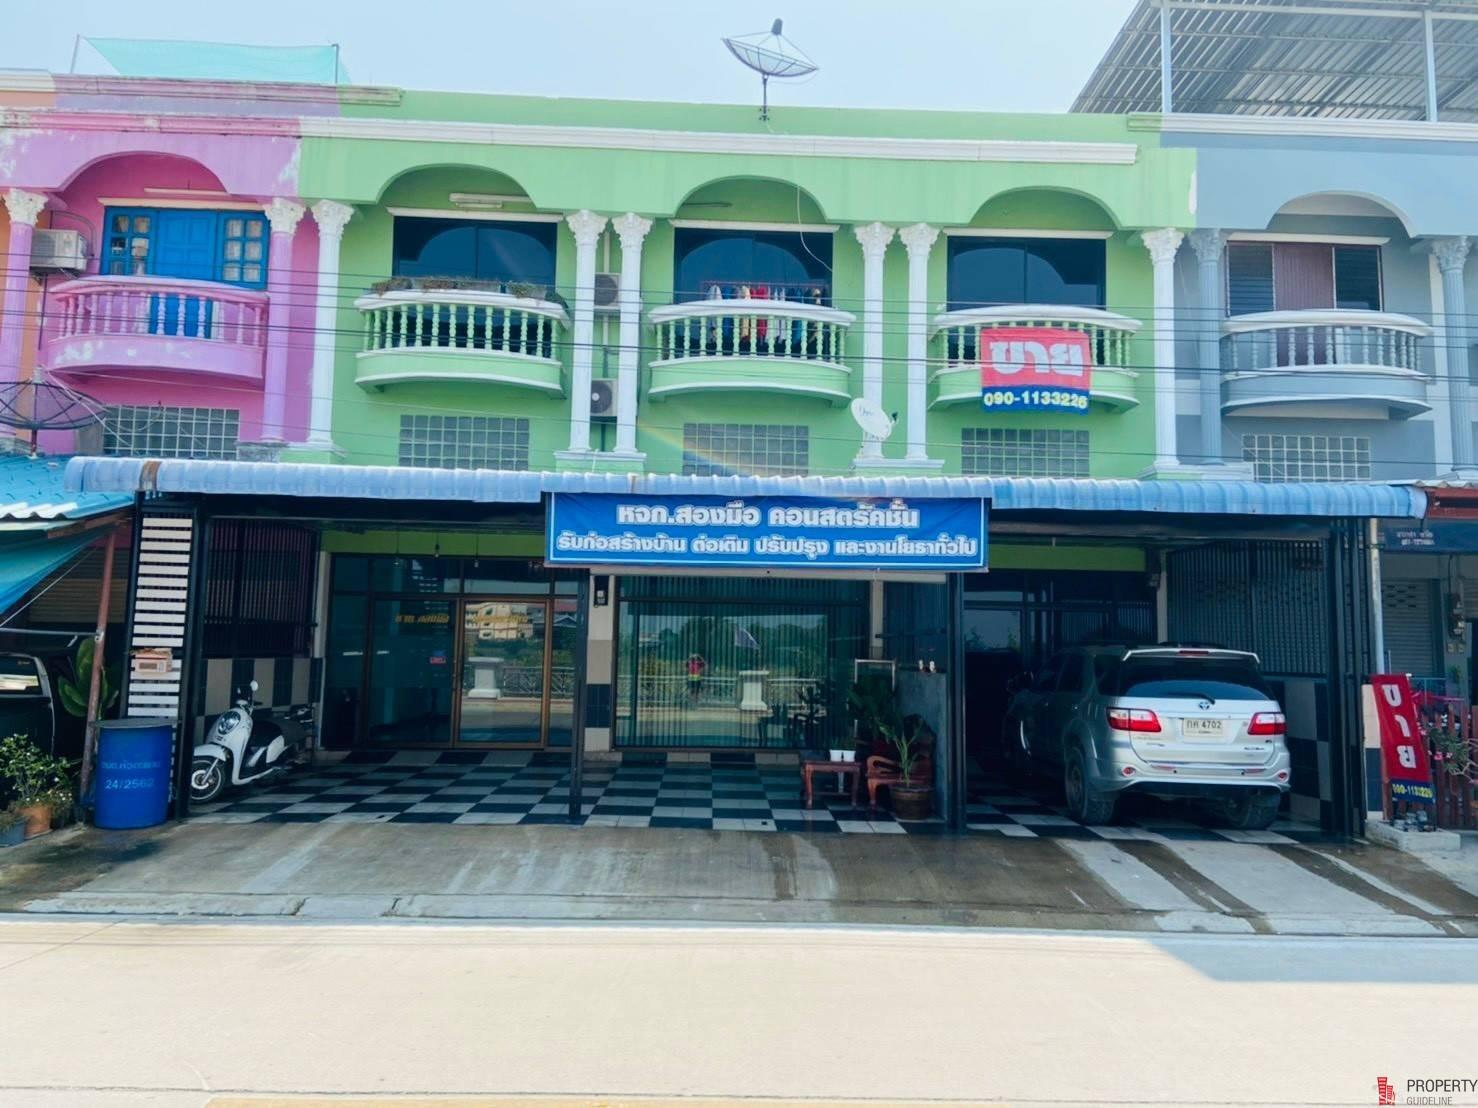 ขายอาคารพานิชย์ 3 คูหา หัวตะพาน ติดถนน